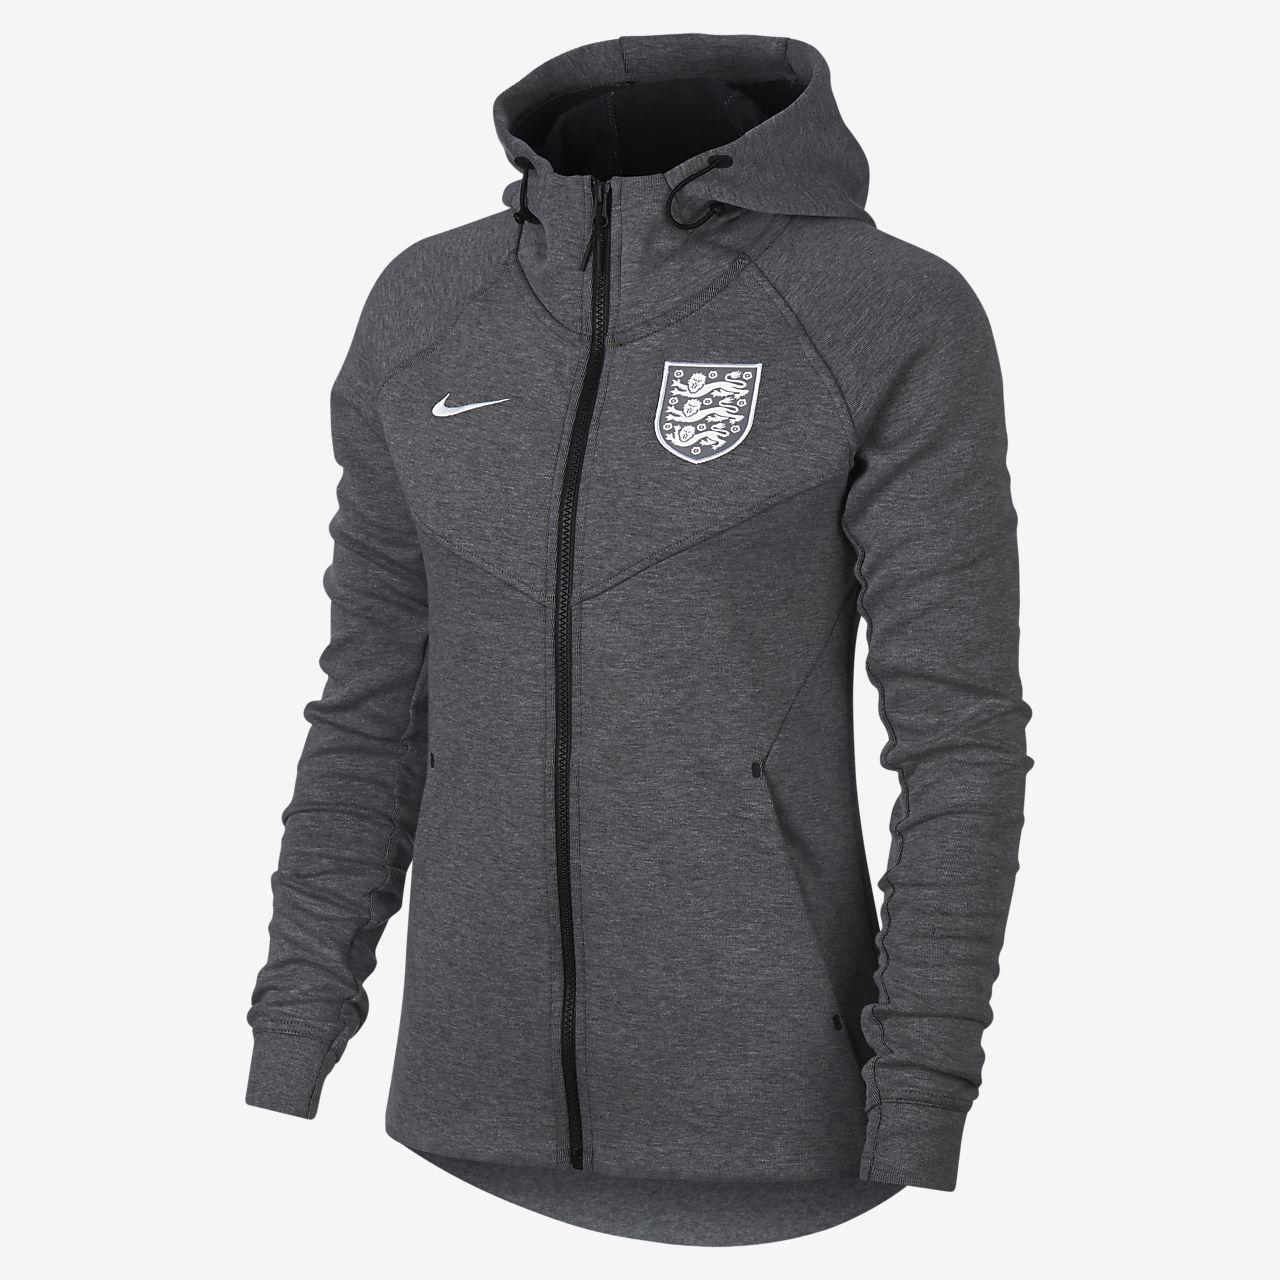 England Tech Fleece Women's Full-Zip Hoodie